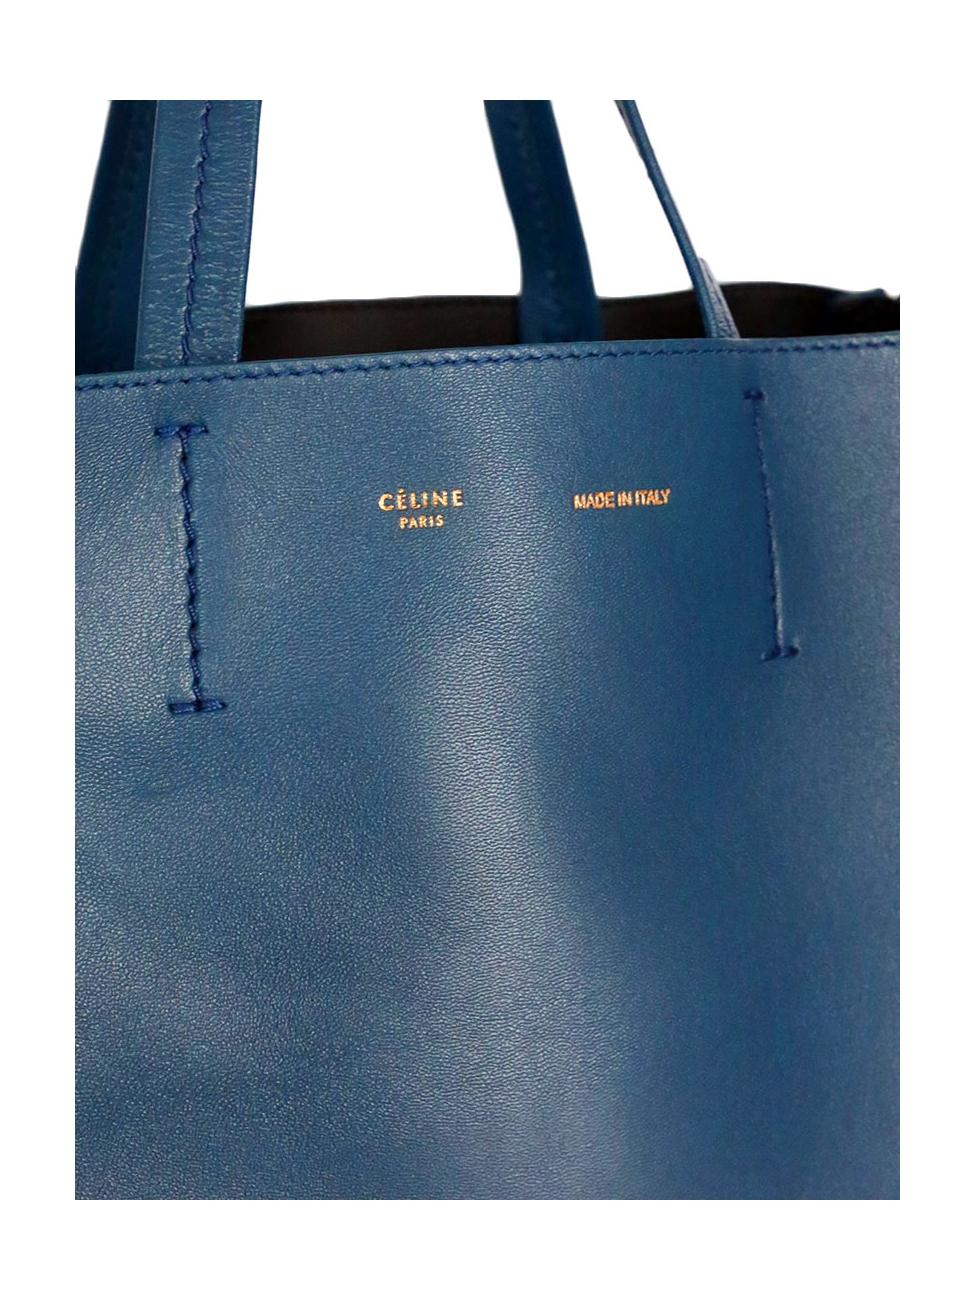 ebd90e979a23 Louise Paris - CELINE Navy blue leather Vertical GUSSET tote bag ...